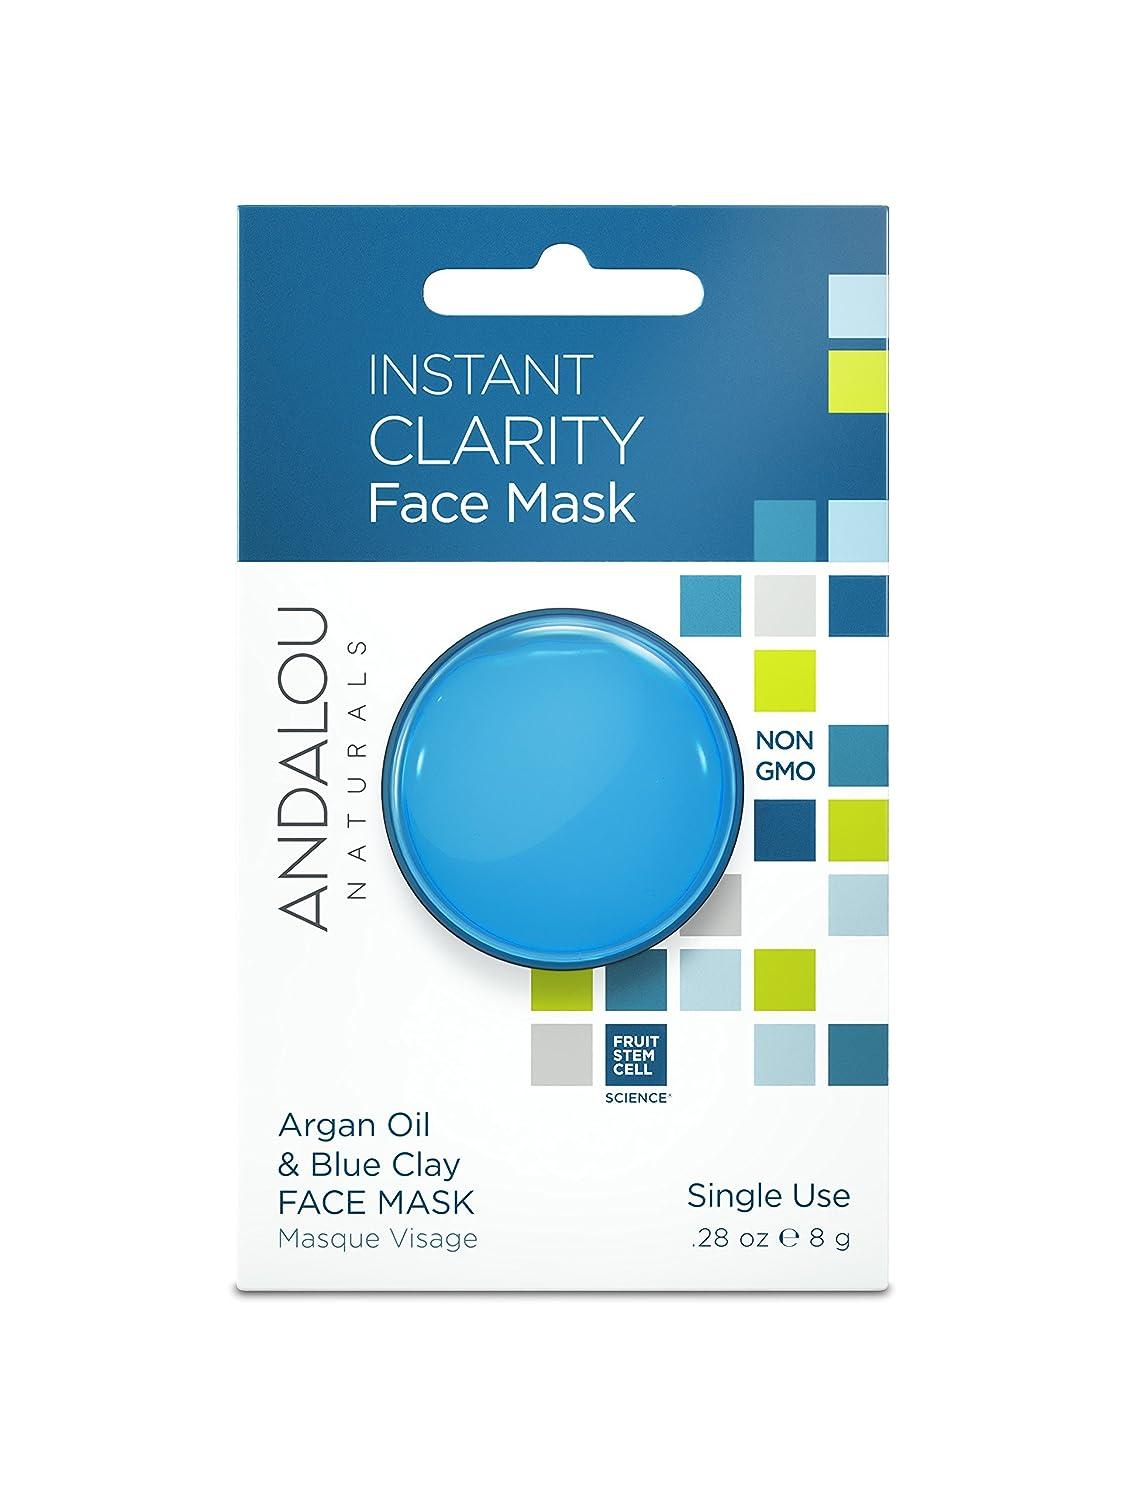 理想的誘発するうなずくオーガニック ボタニカル パック マスク フェイスマスク ナチュラル フルーツ幹細胞 「 IC クレイマスクポッド 」 ANDALOU naturals アンダルー ナチュラルズ